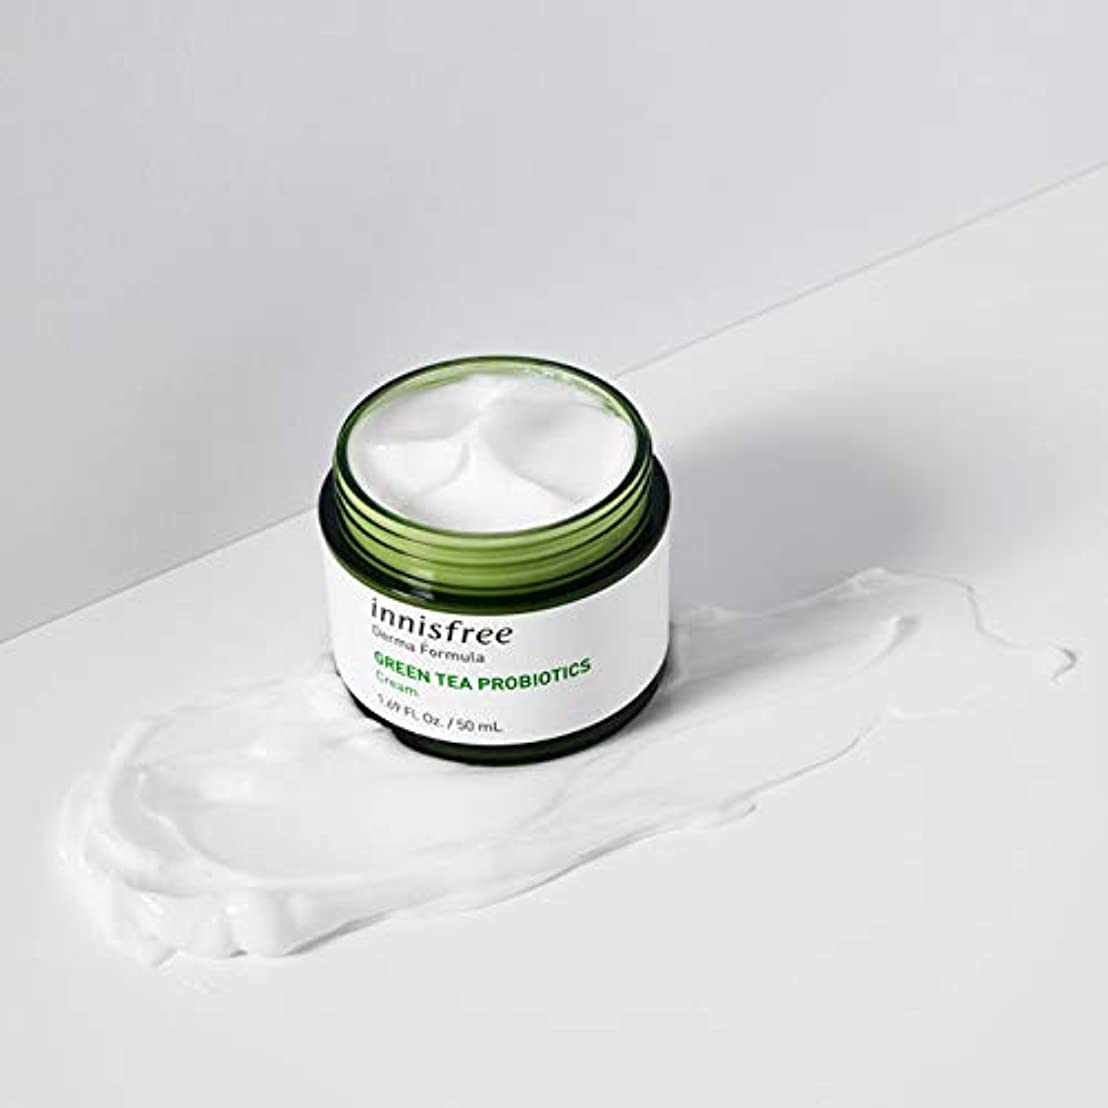 [イニスフリー.innisfree]ダーマフォーミュラグリーンティープロバイオティクスクリーム50mL(2019.09 new)/ Derma Formula Green Tea Probiotics Cream